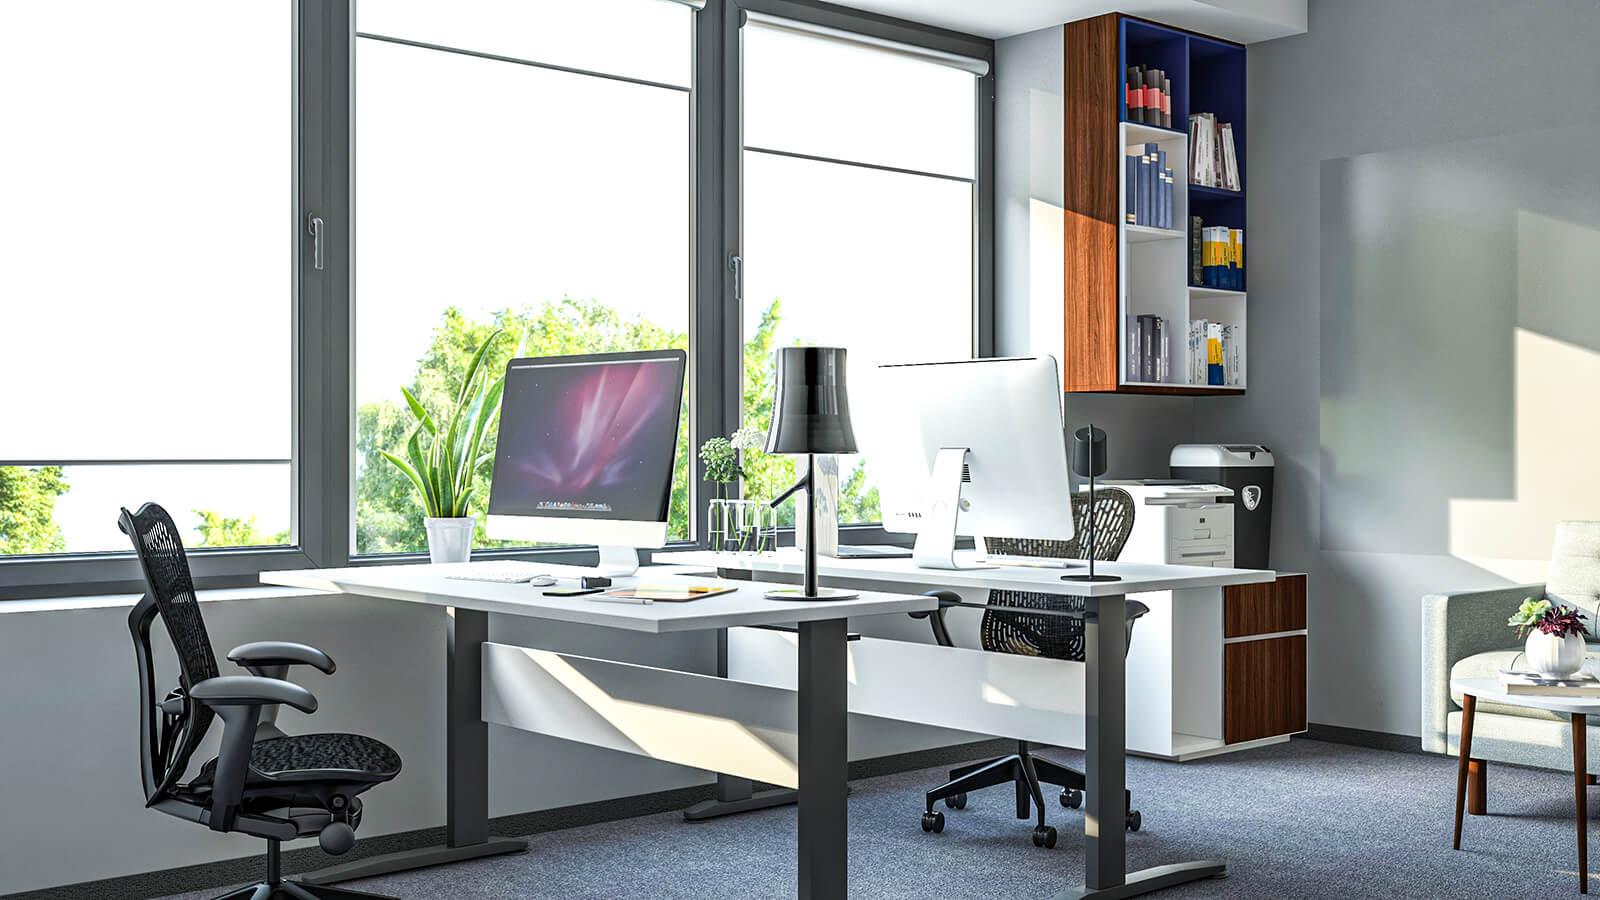 interioren-dizain-proekt-na-spodelen-ofis-proekt-rsi